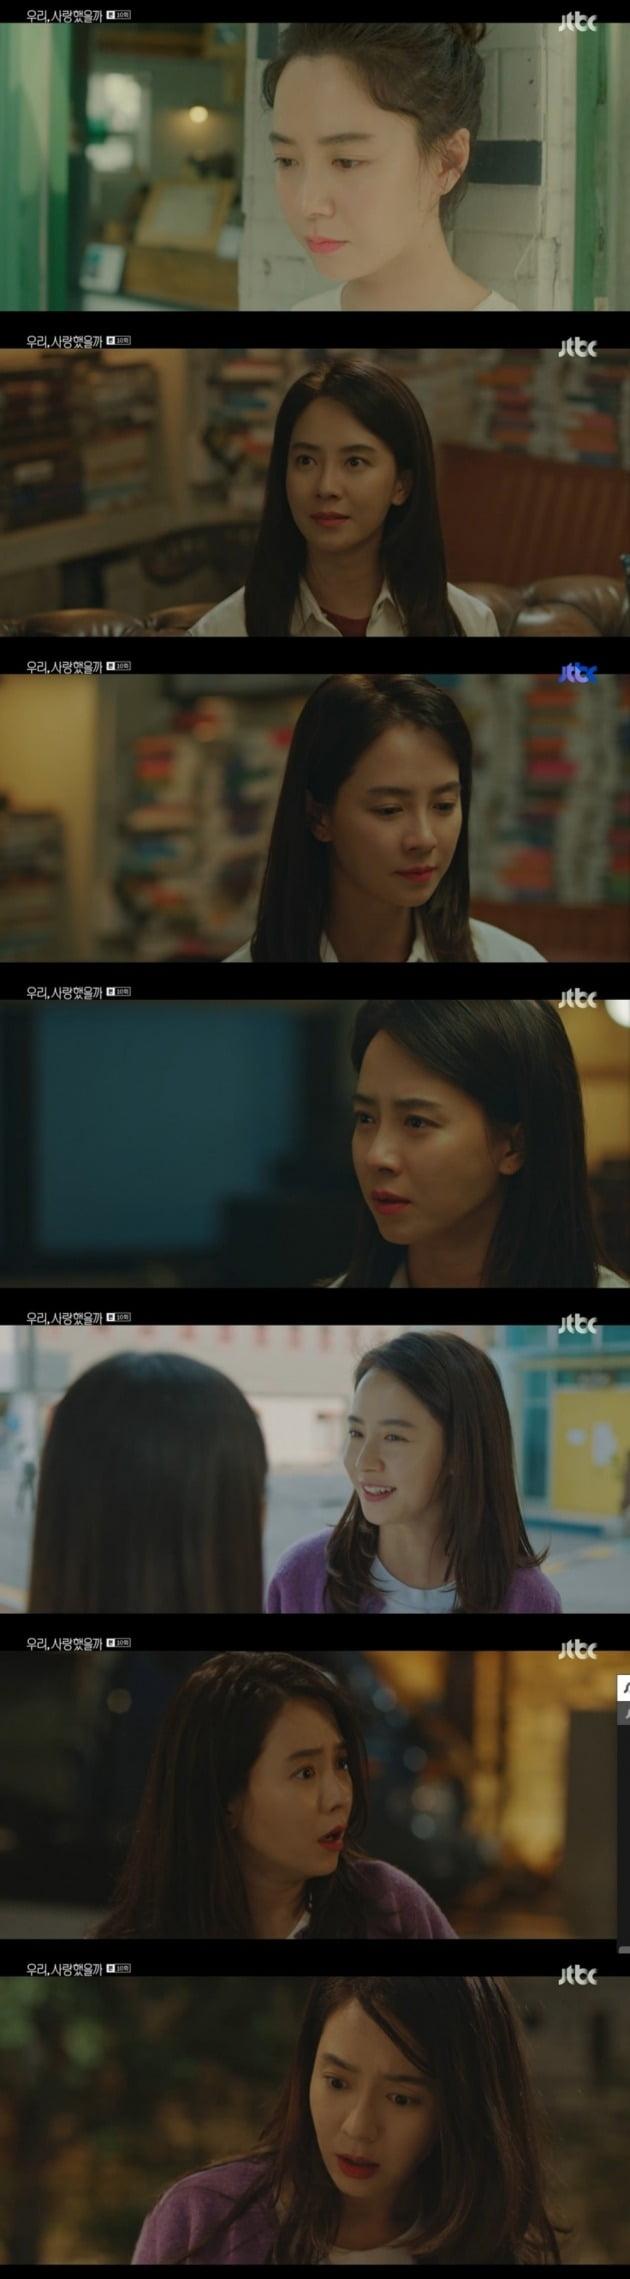 '우리, 사랑했을까' 송지효 / 사진=JTBC 방송 화면 캡쳐